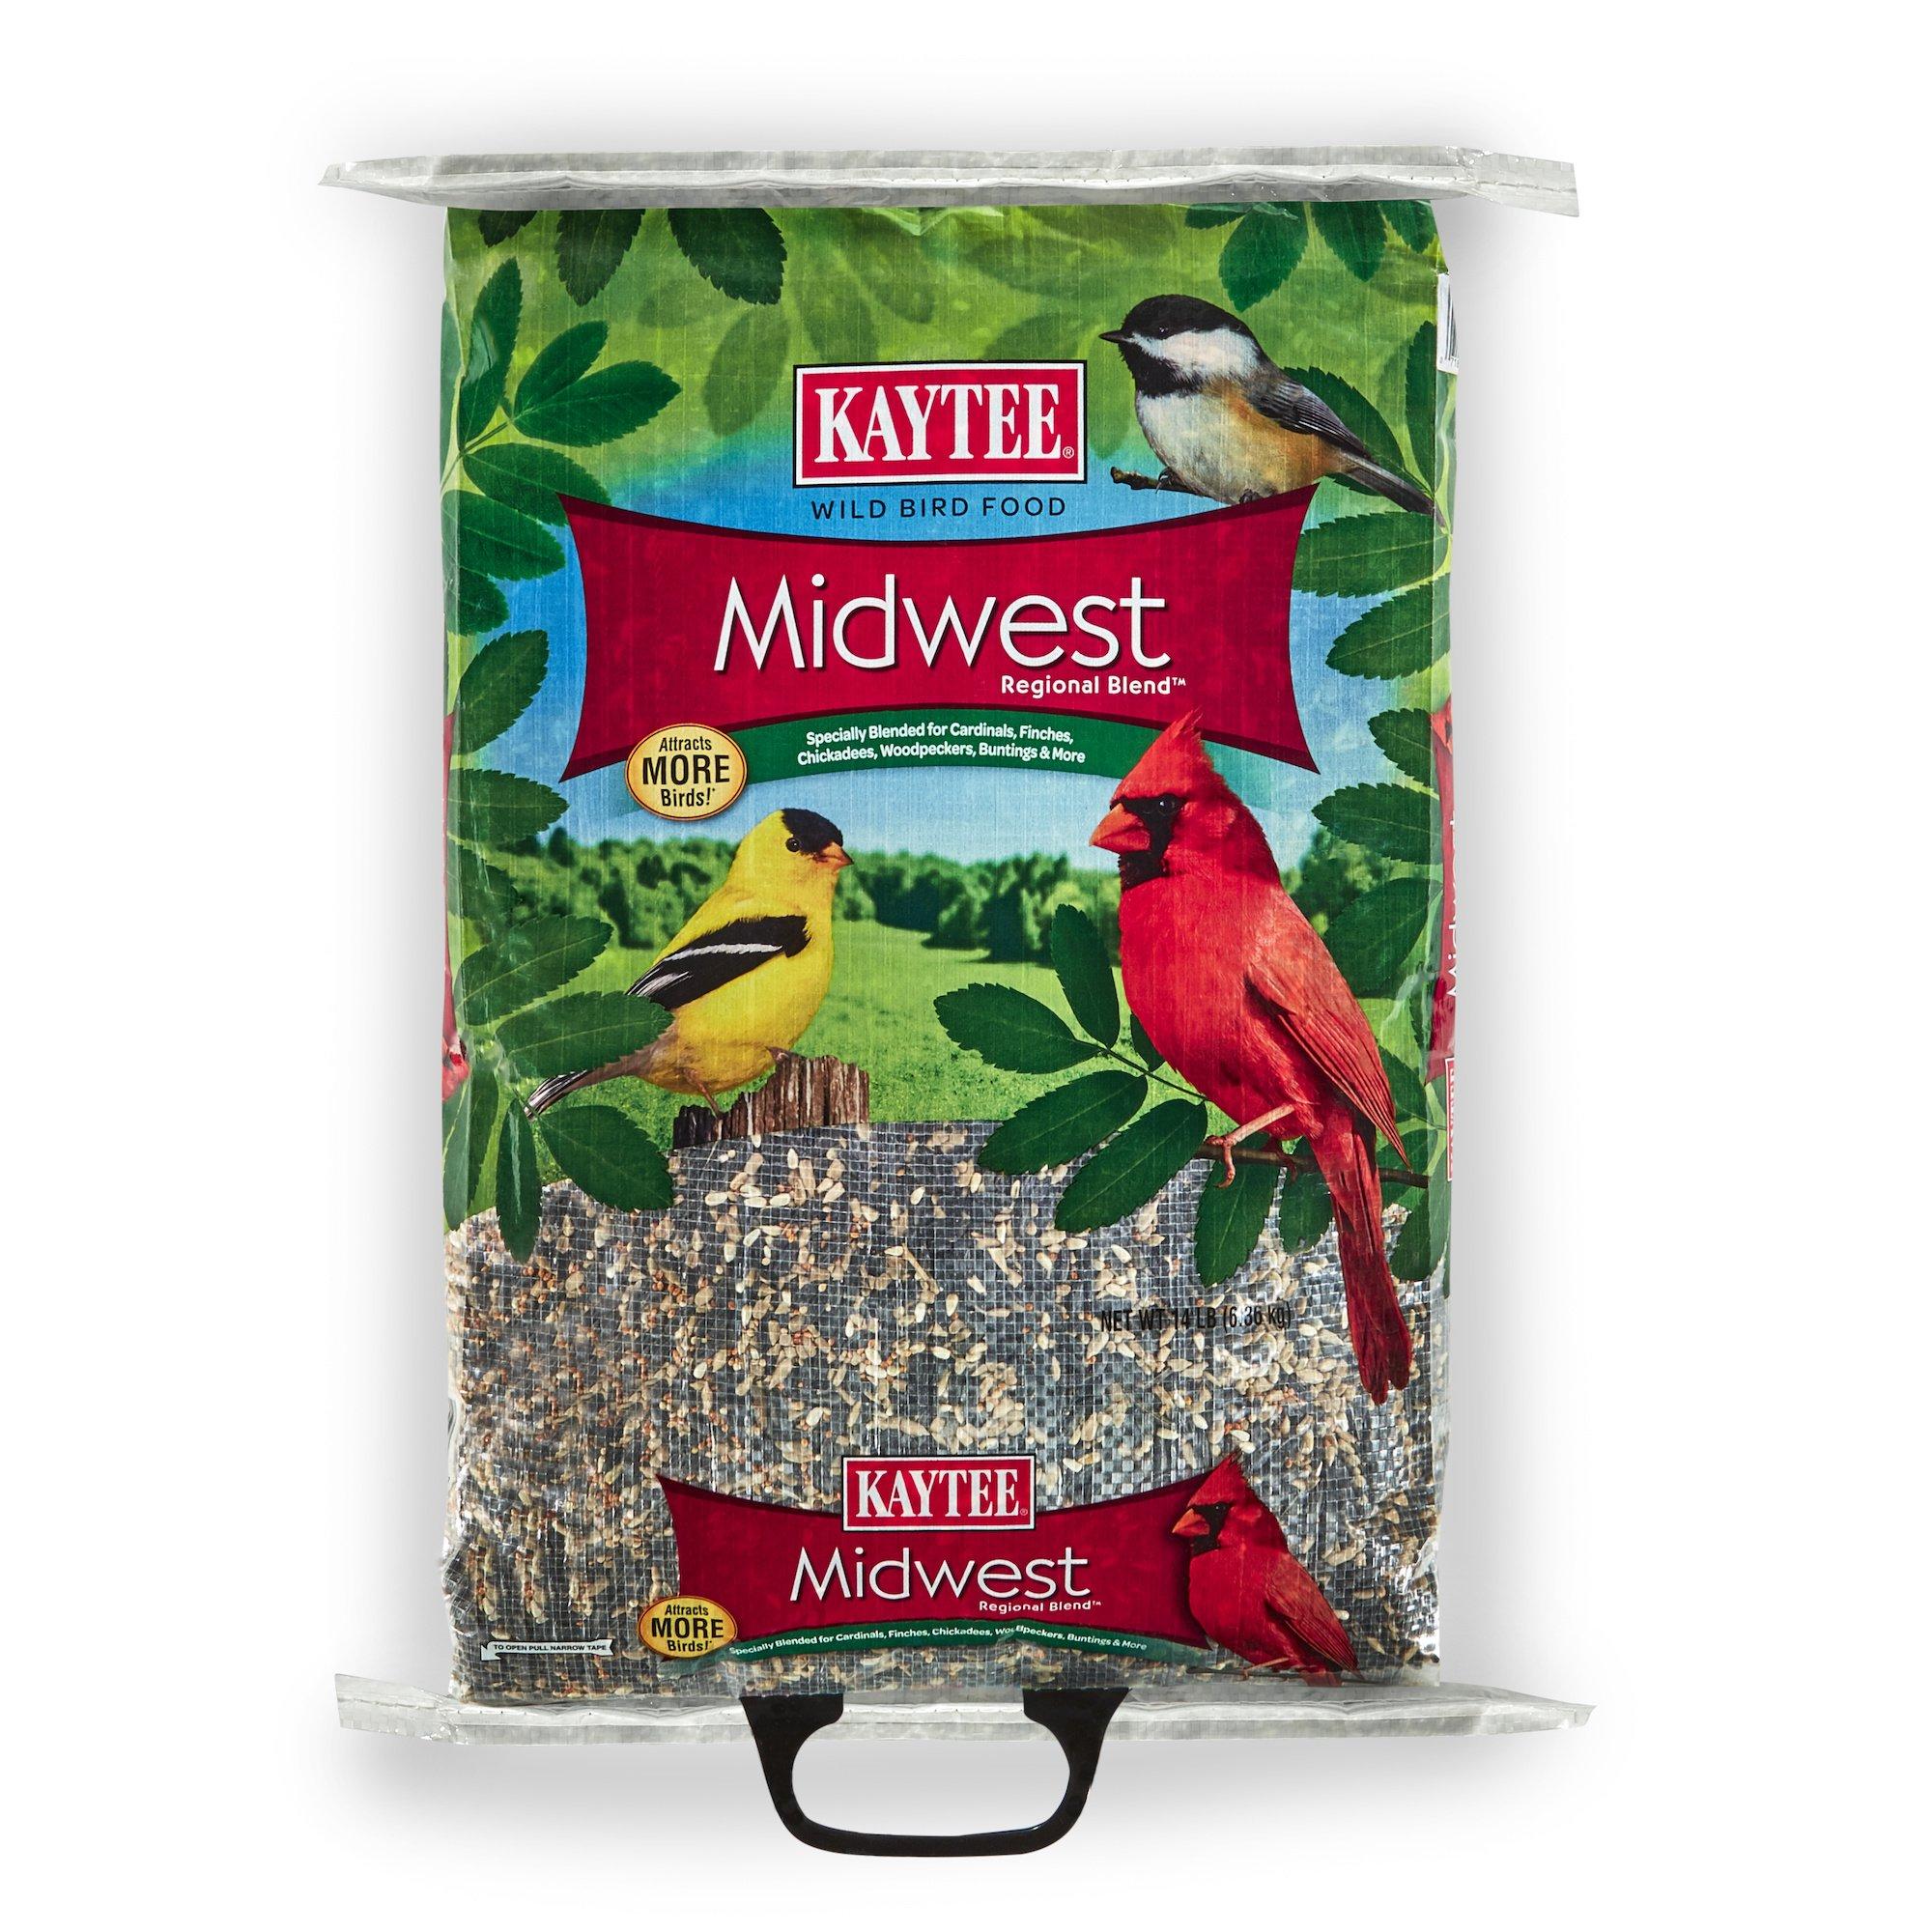 Kaytee Midwest Regional Wild Bird Blend, 14-Pound Bag by Kaytee